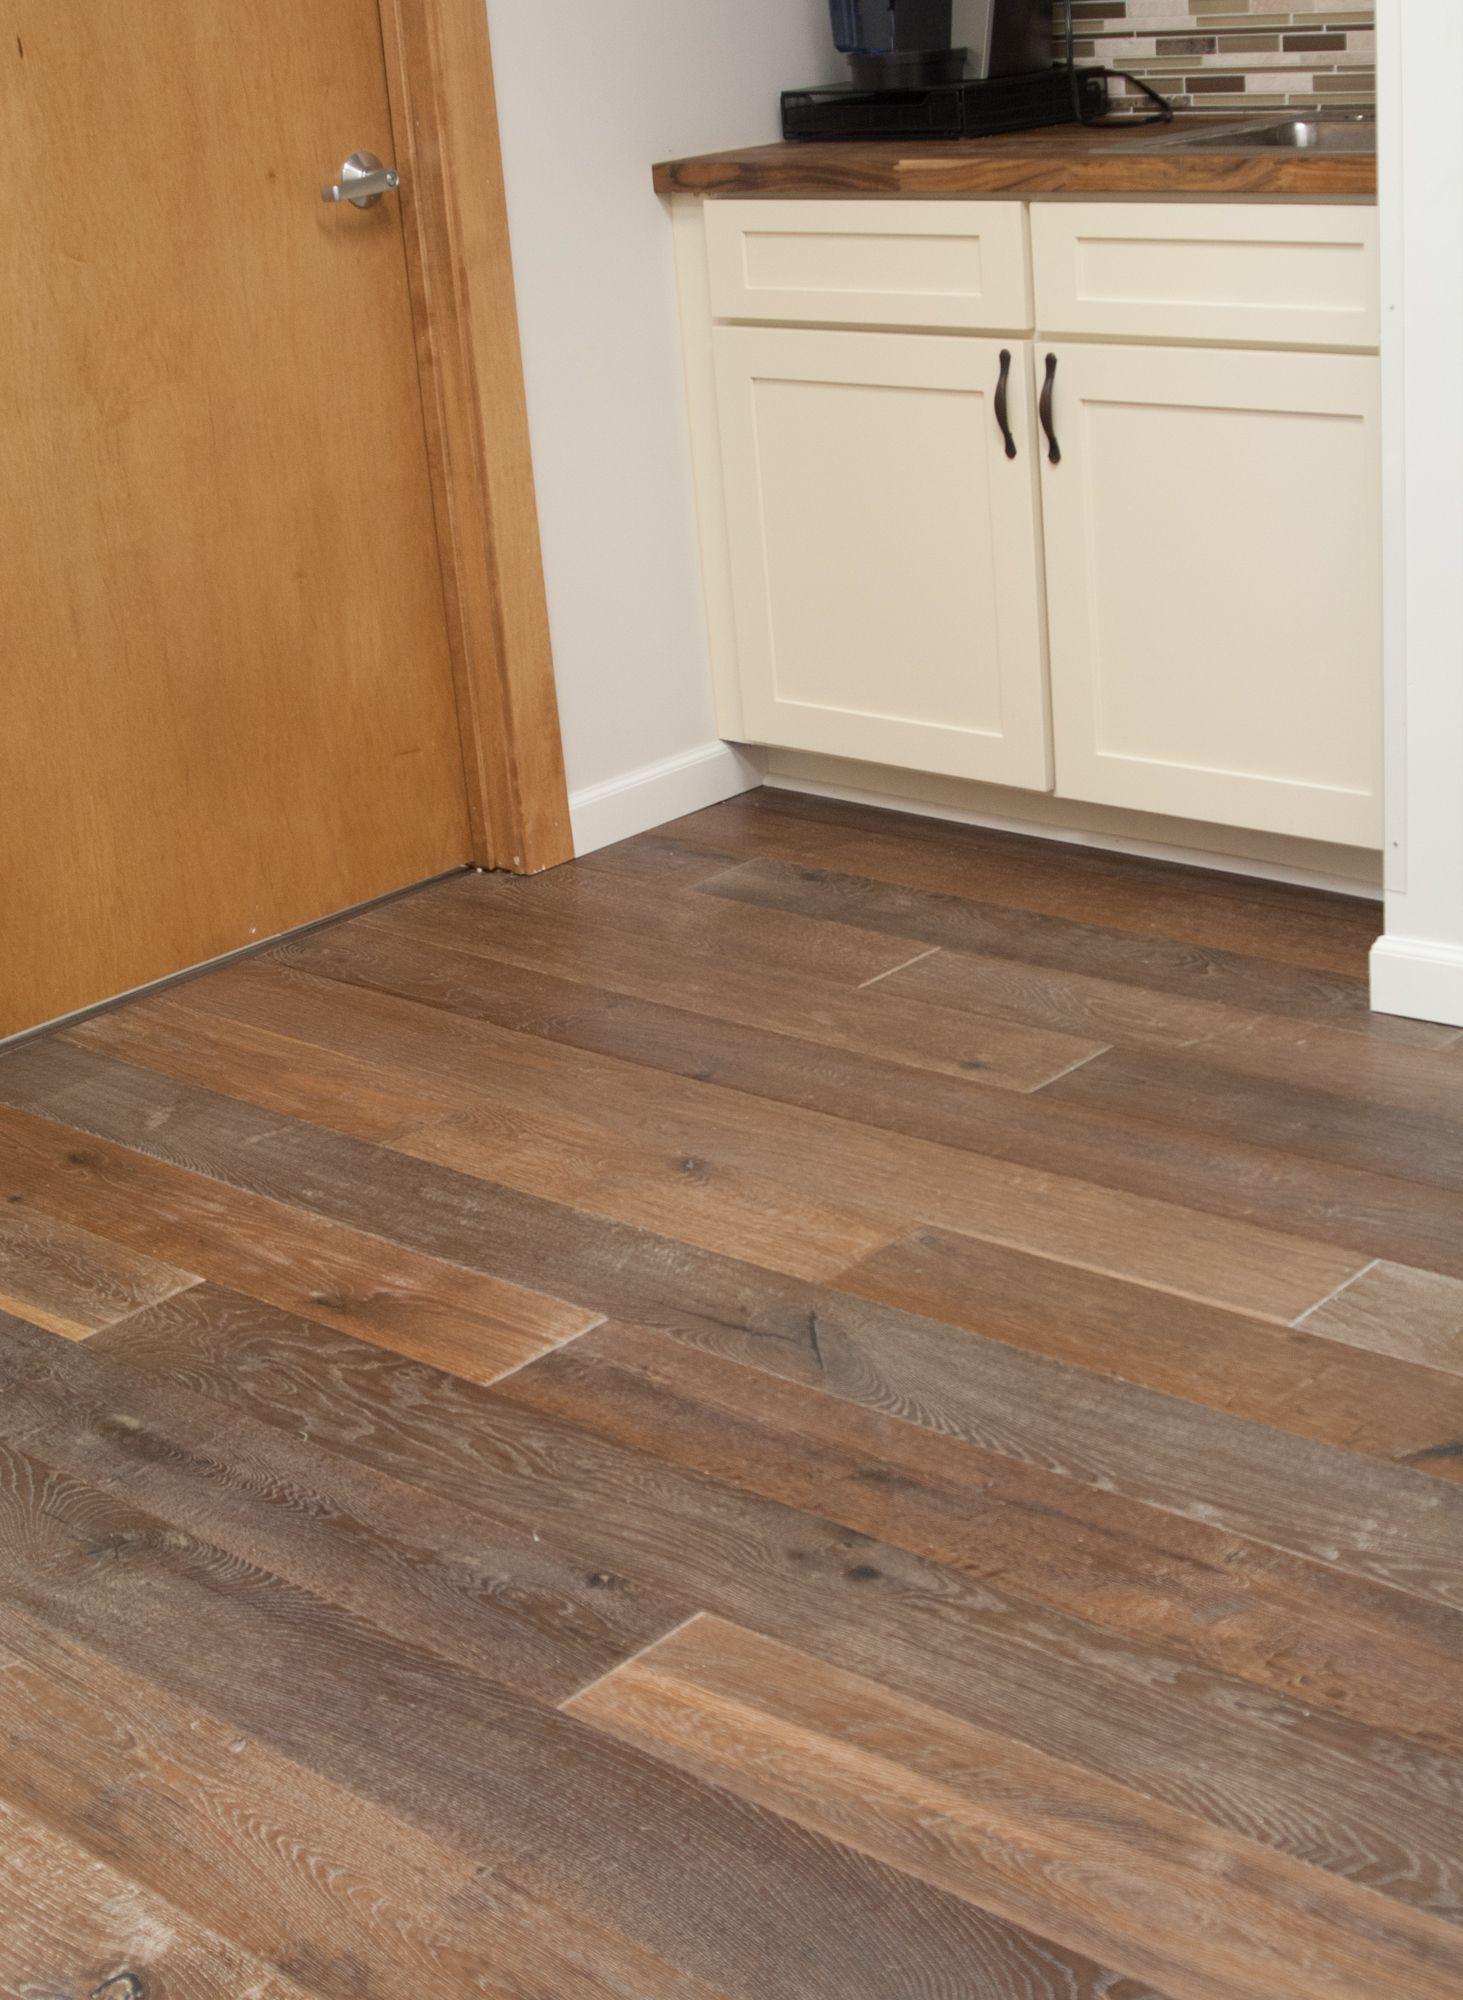 5 inch white oak hardwood flooring of white oak hardwood flooring floor plan ideas within vintage white oak costa hardwood floor